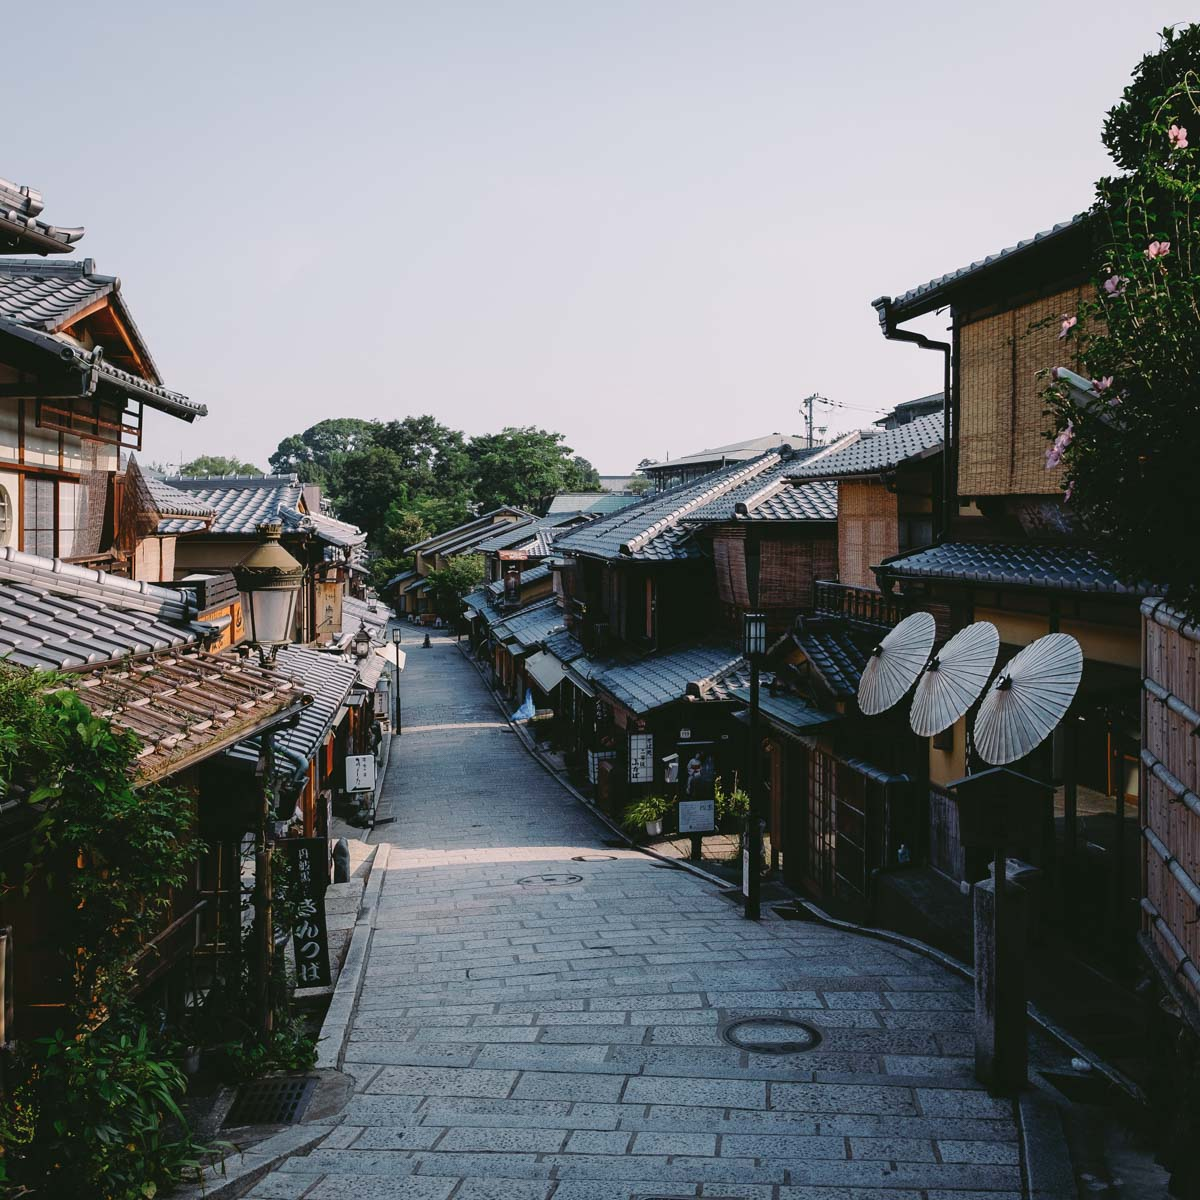 Takashi Yasui, Kyoto, Japan